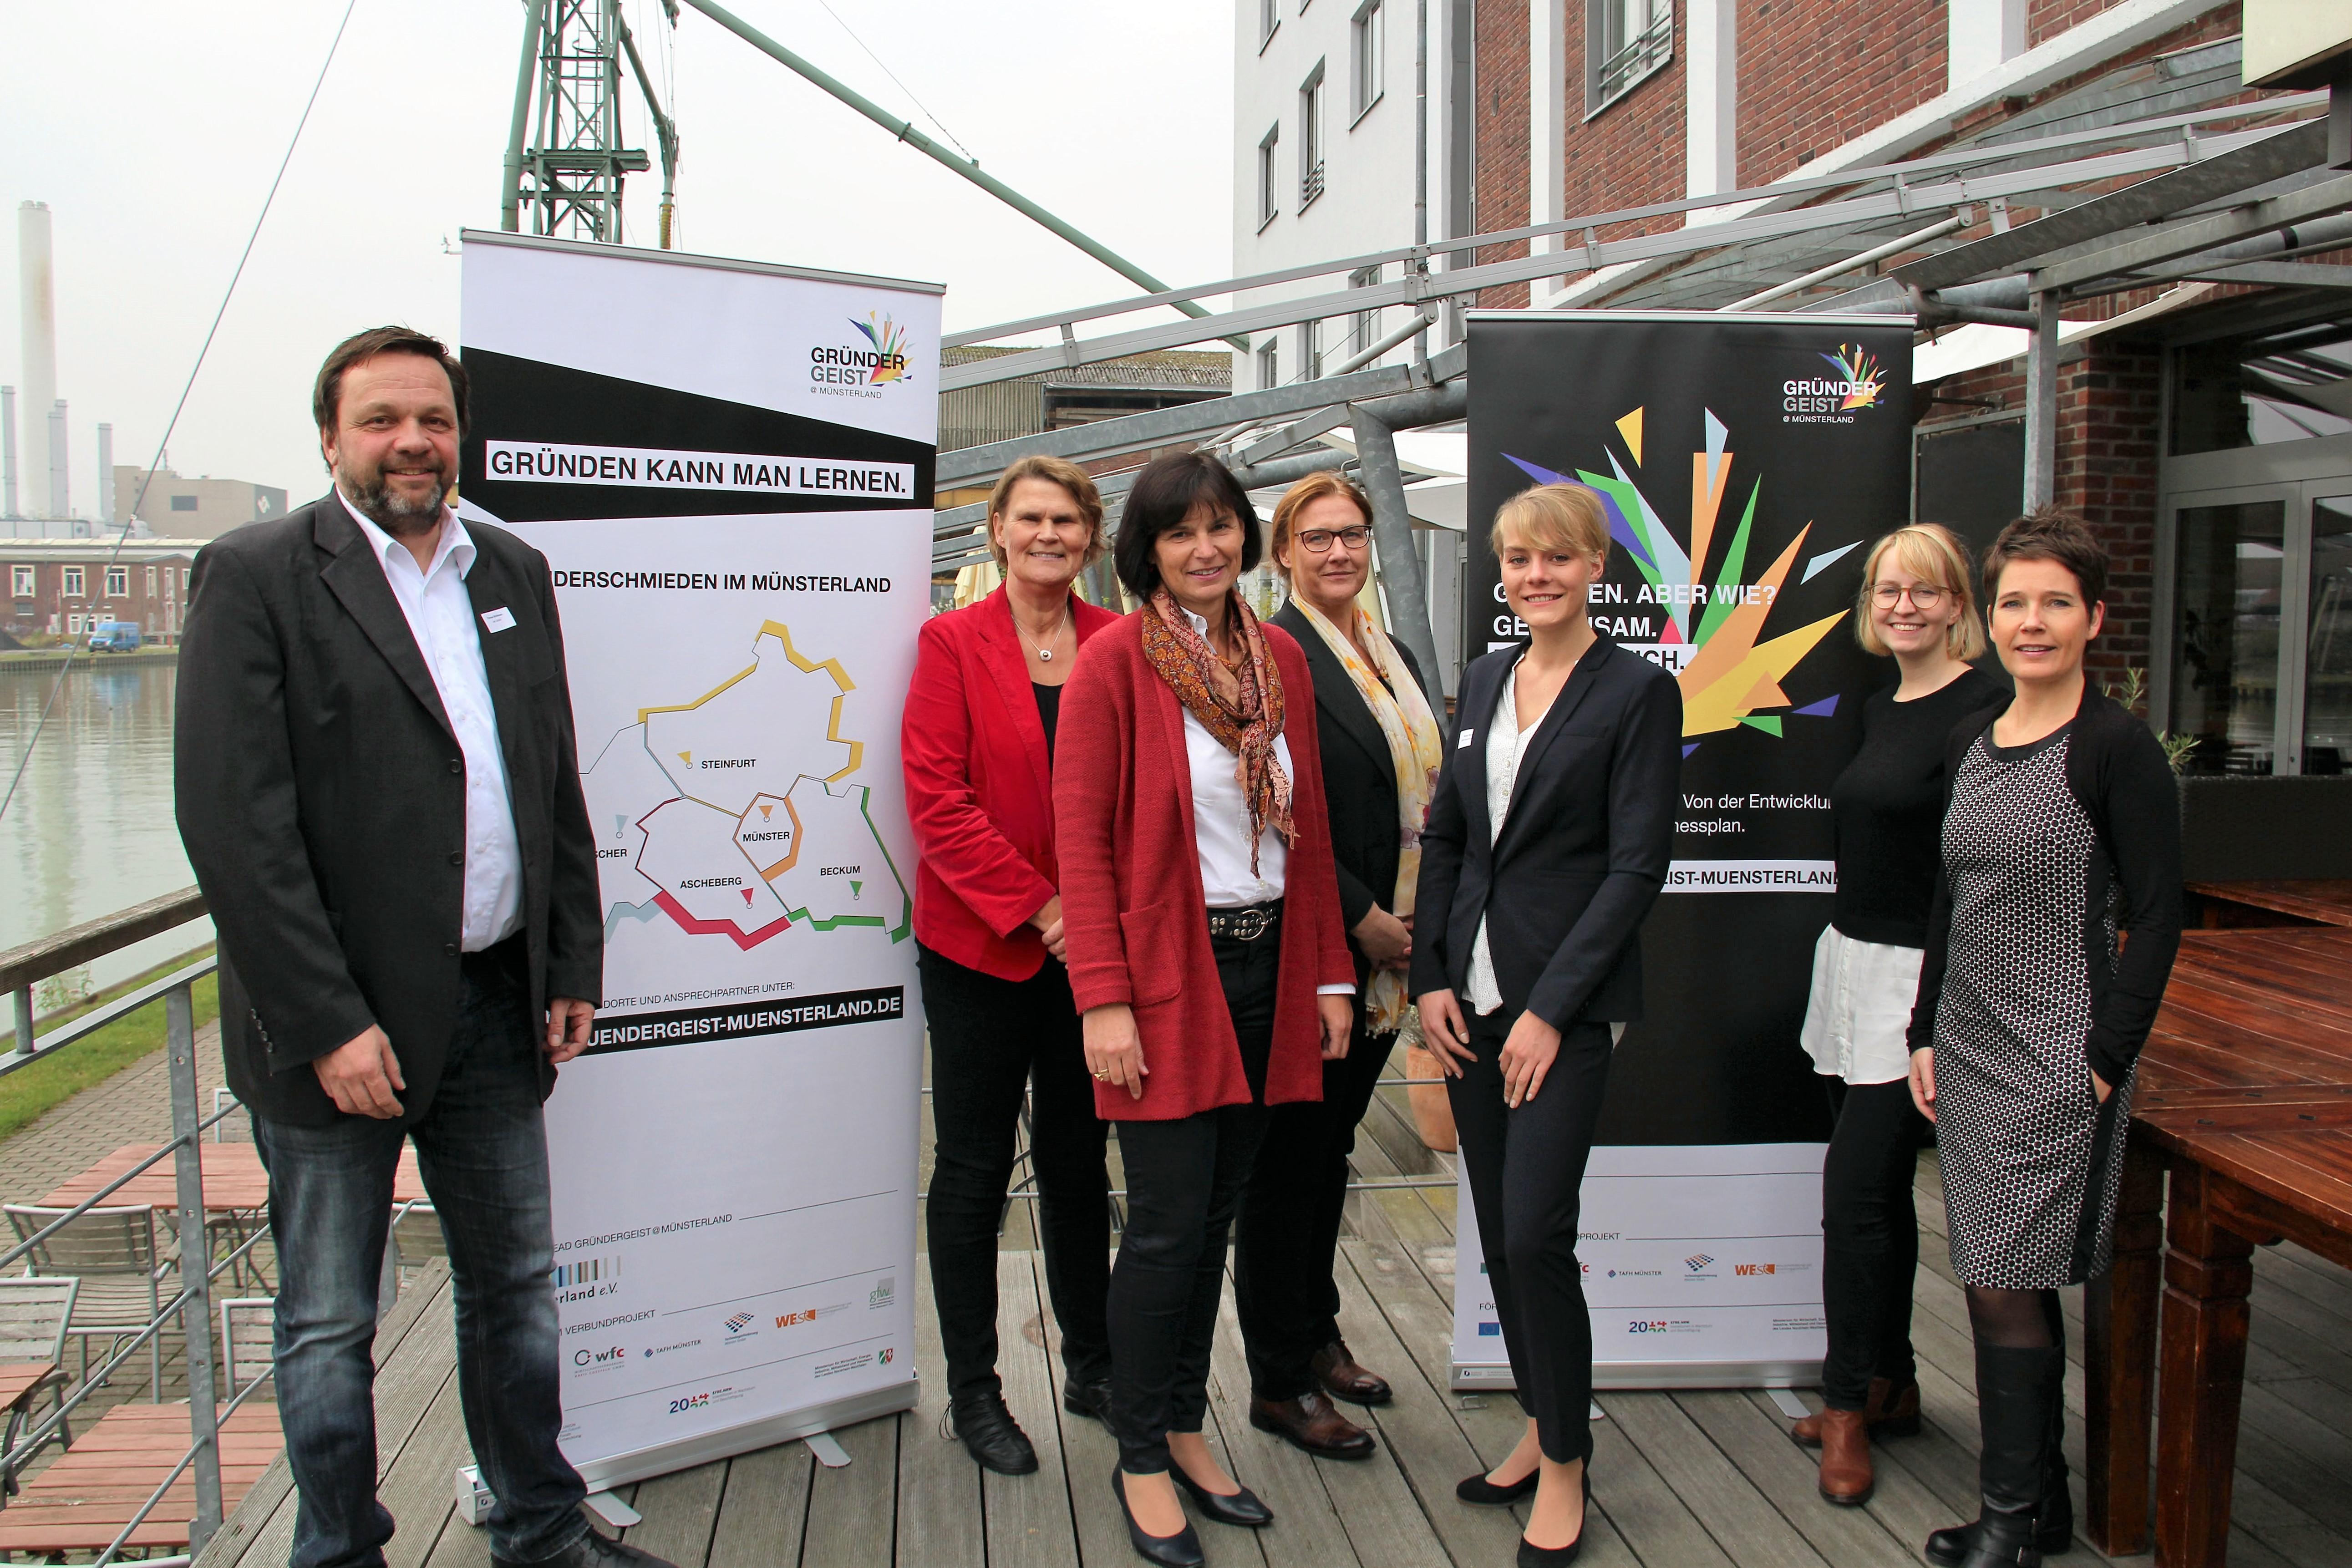 Münsterlandweite Gründungsoffensive ist gestartet: Gründer-schmieden unterstützen potentielle Gründer